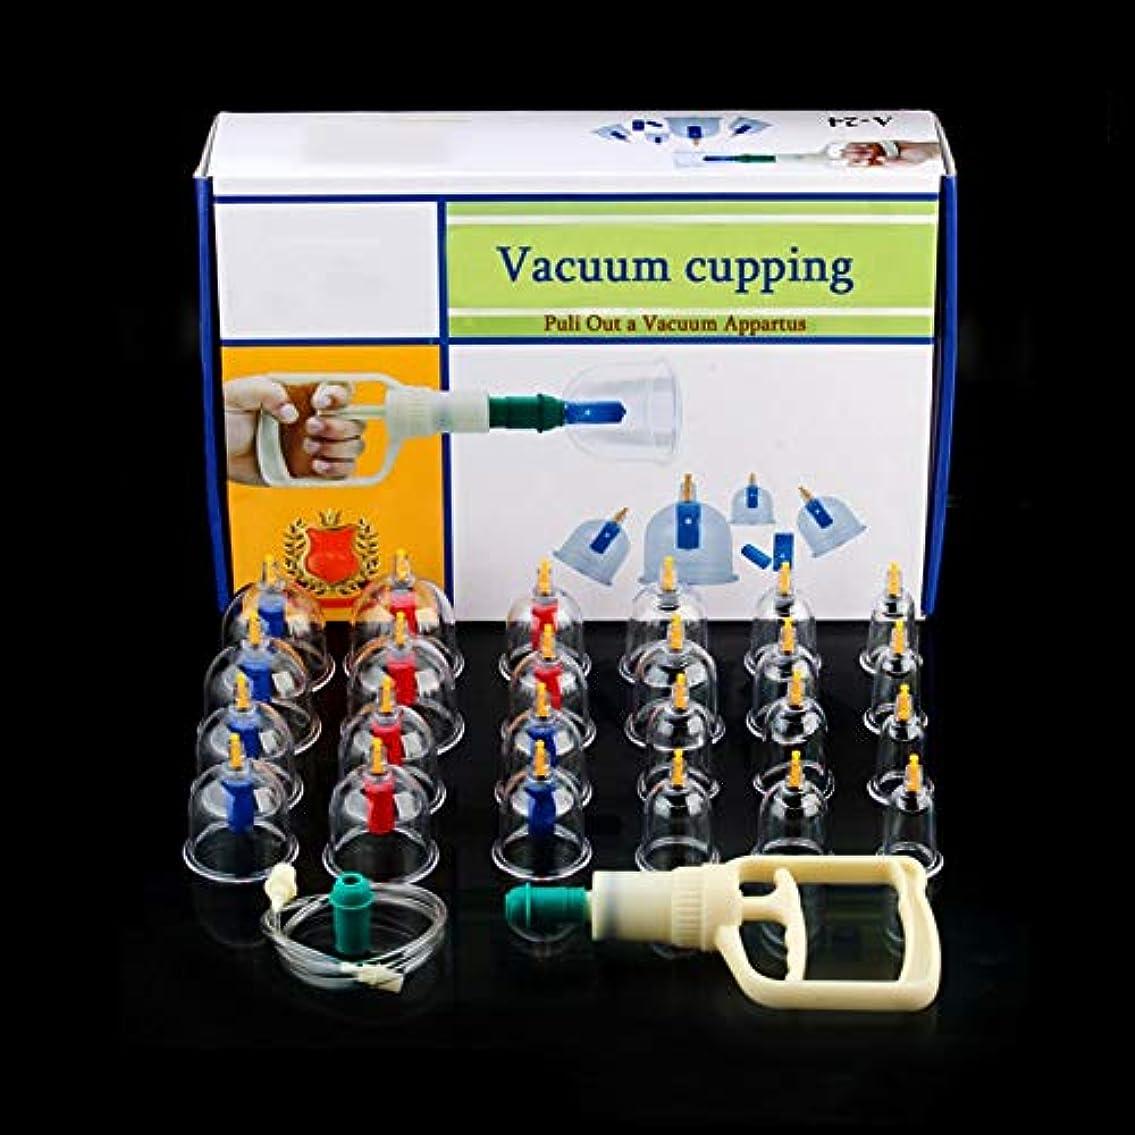 気味の悪いニュージーランドディスクカッピング セット プハン治療 カッピングポンプ 吸引器カッピング用カップ、シリコン、筋肉、関節痛、セルライト用真空吸引(24pcs)